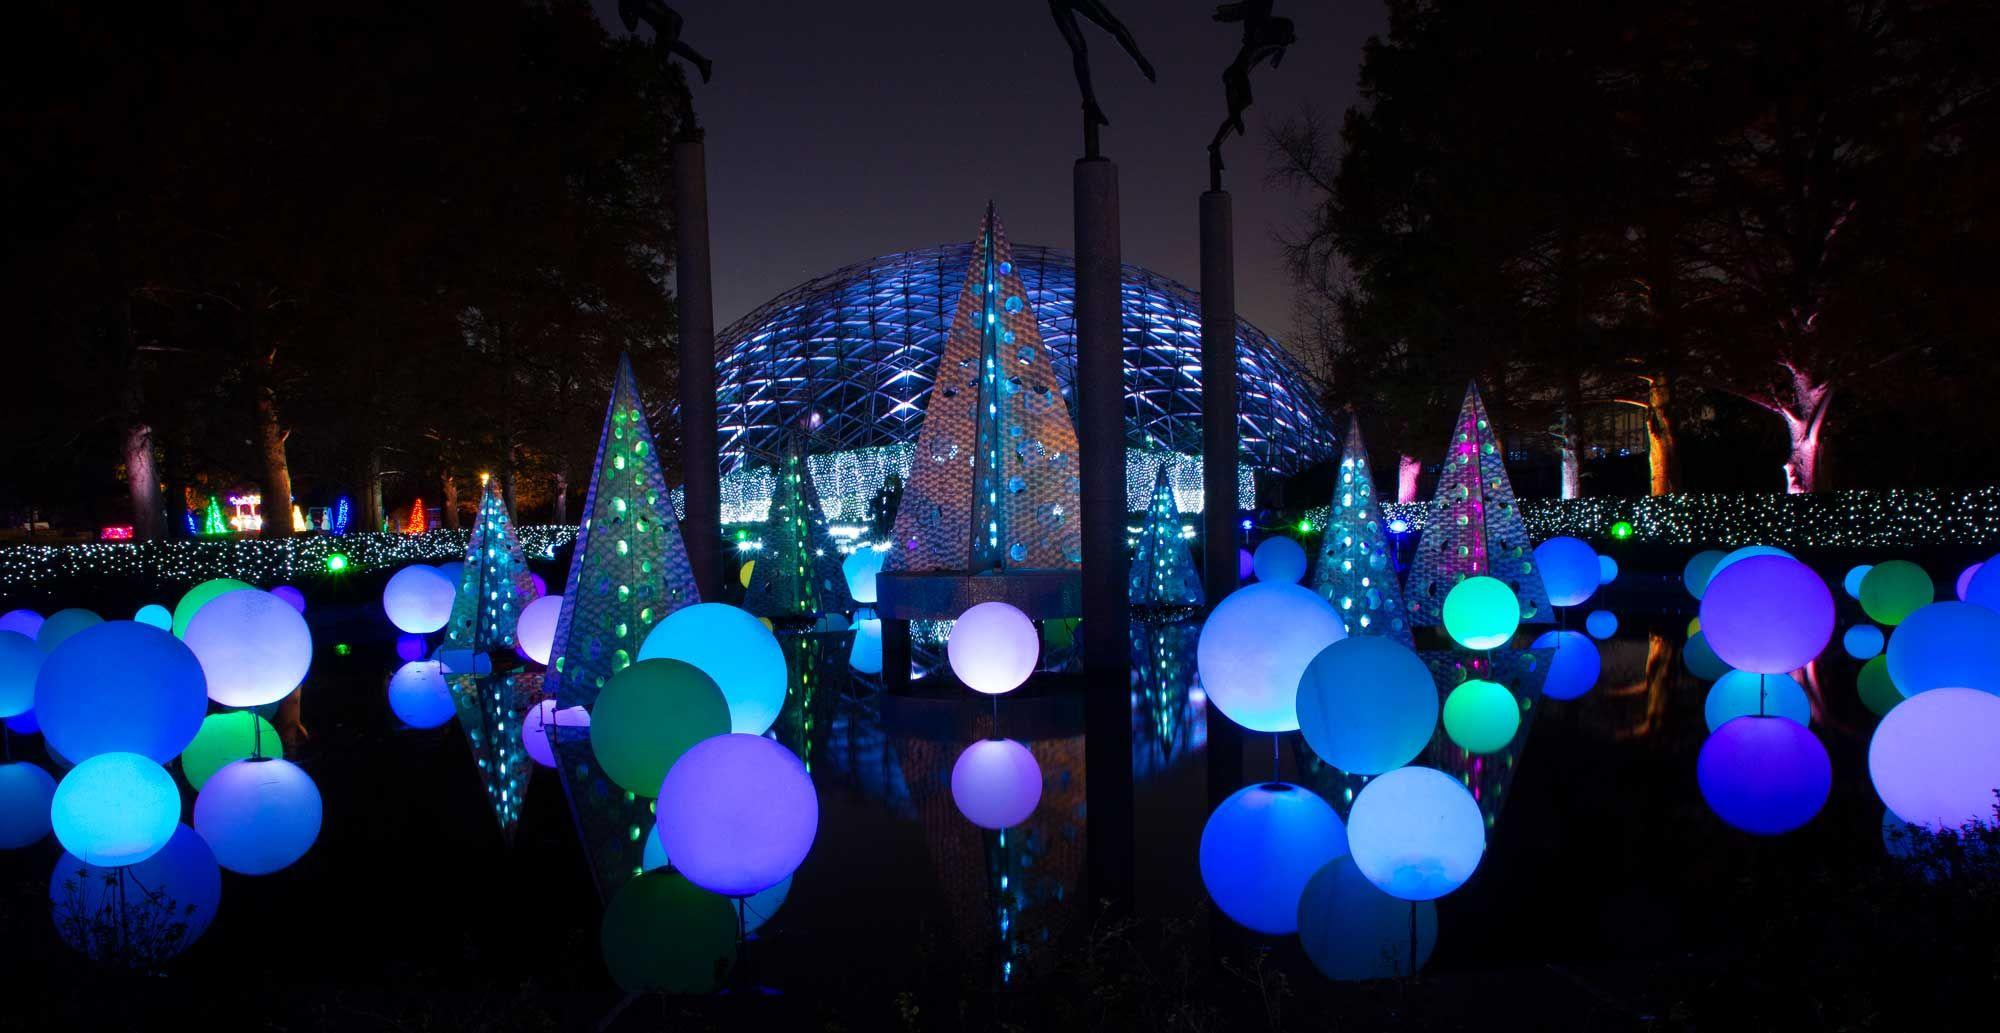 cecc7a6f04b8b866f941deb3b2925b9d - Hidden Lake Gardens Festival Of Lights